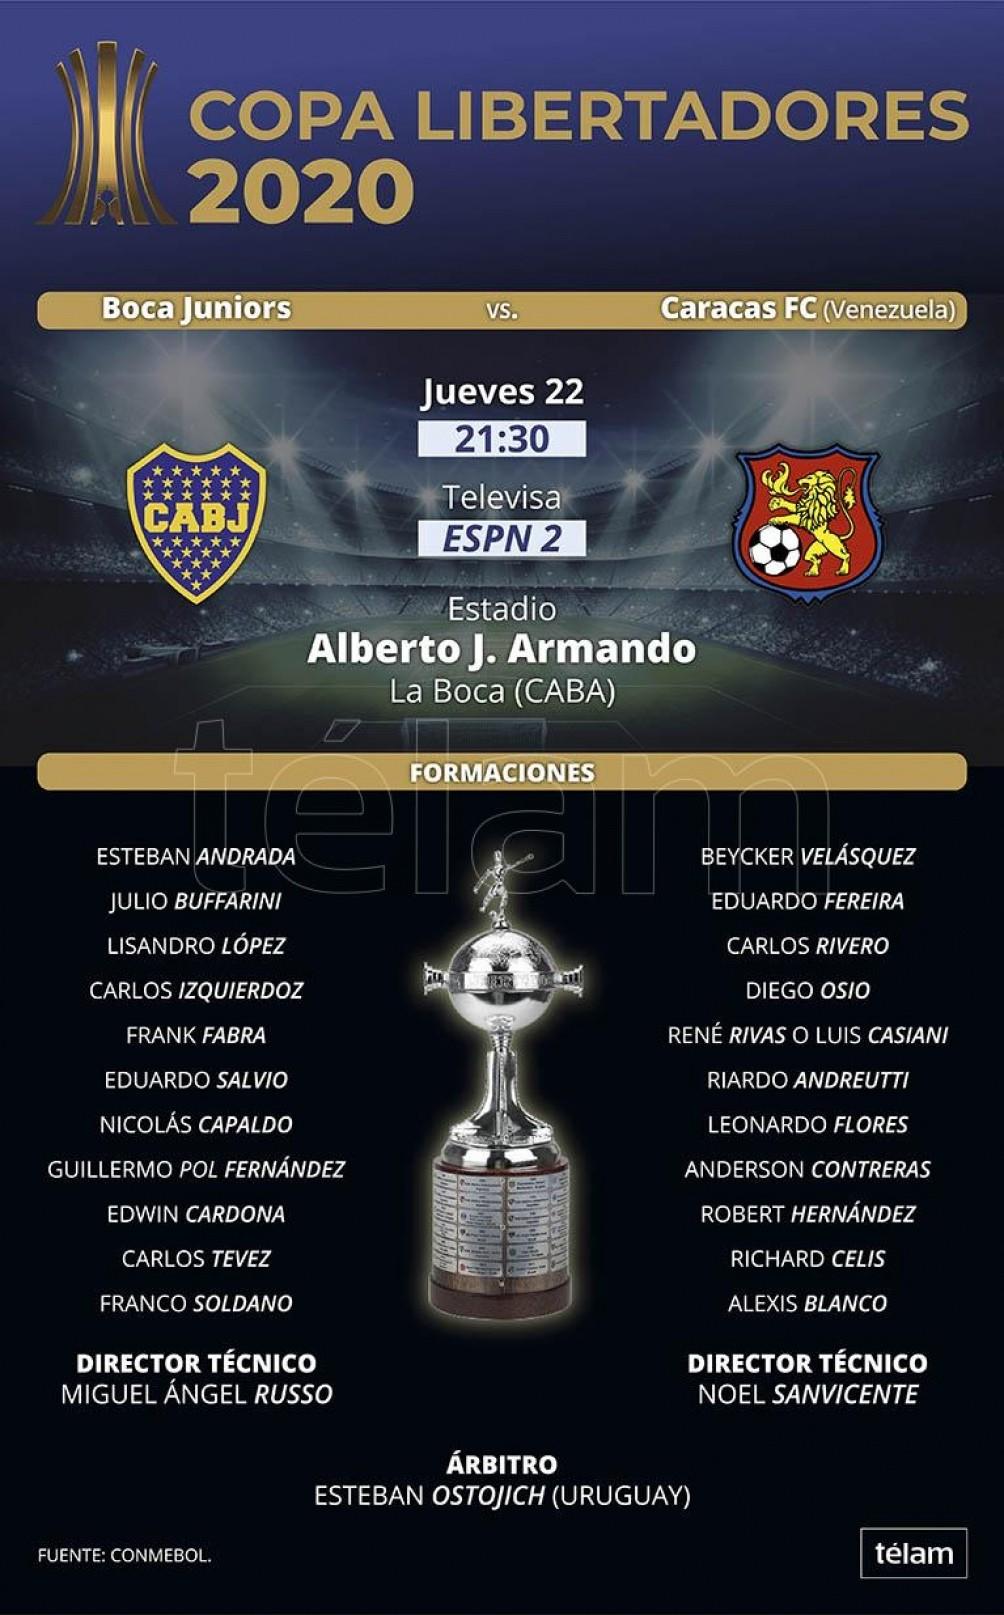 Boca Juniors cierra la fase de grupos ante Caracas